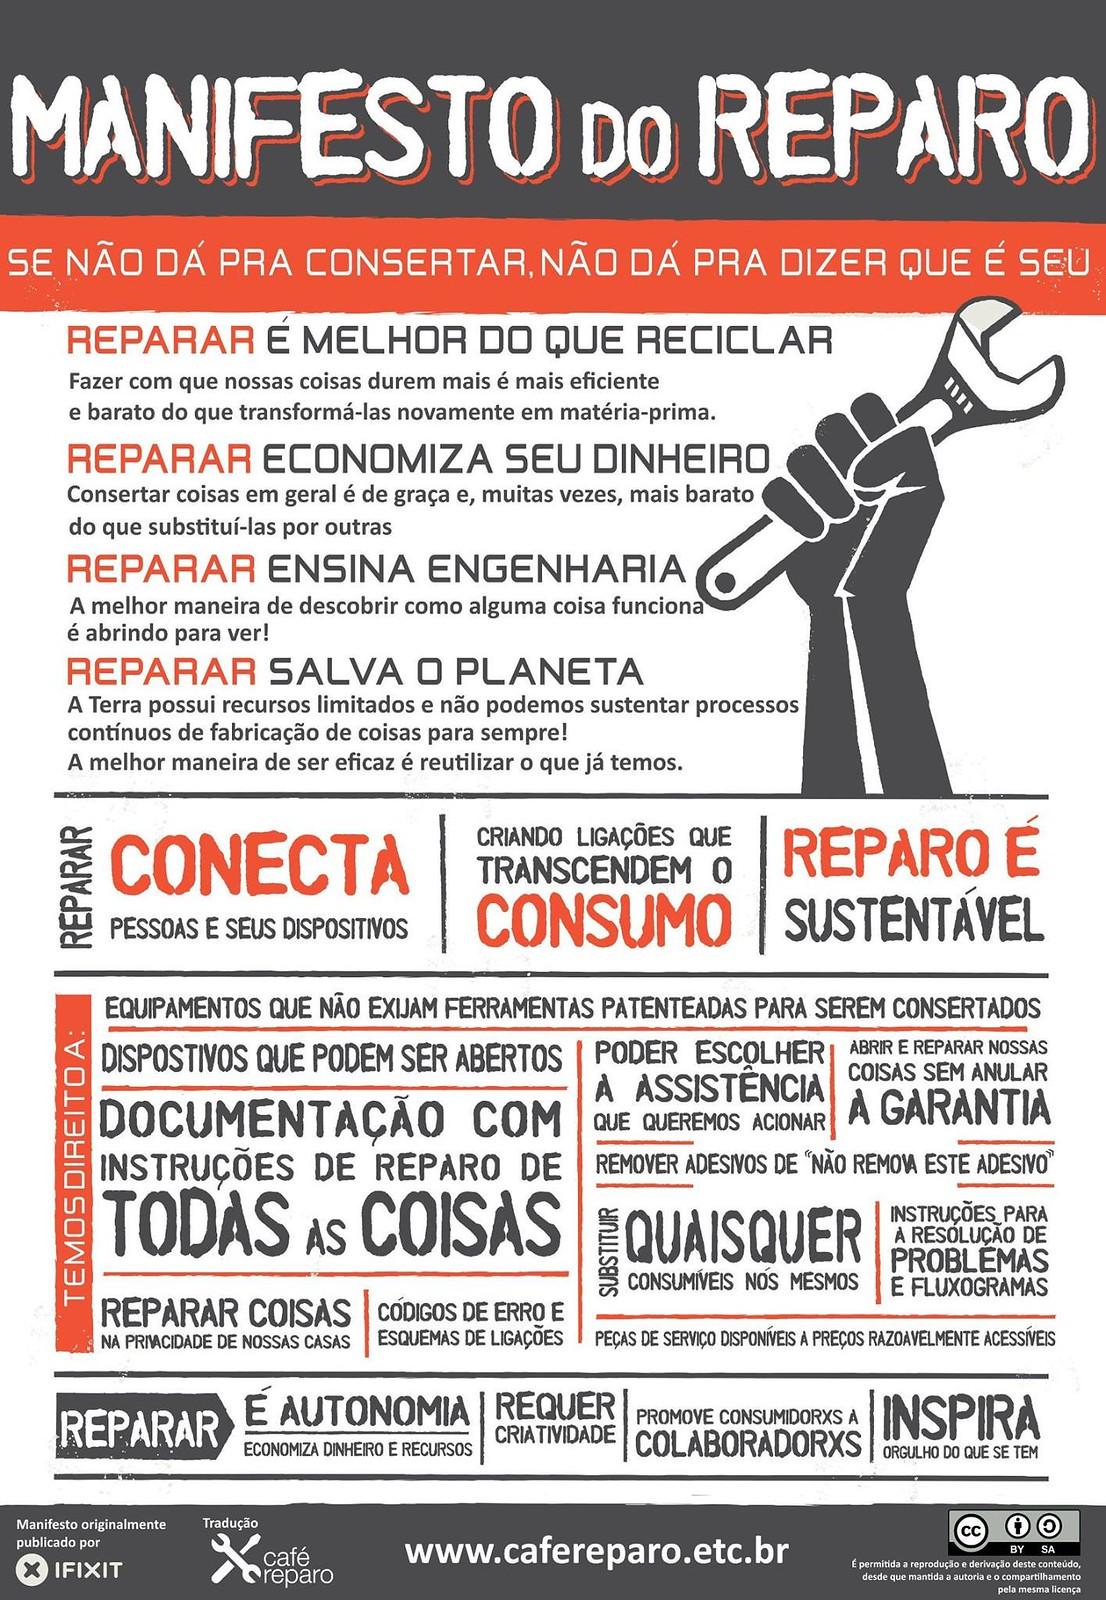 Manifesto Reparo